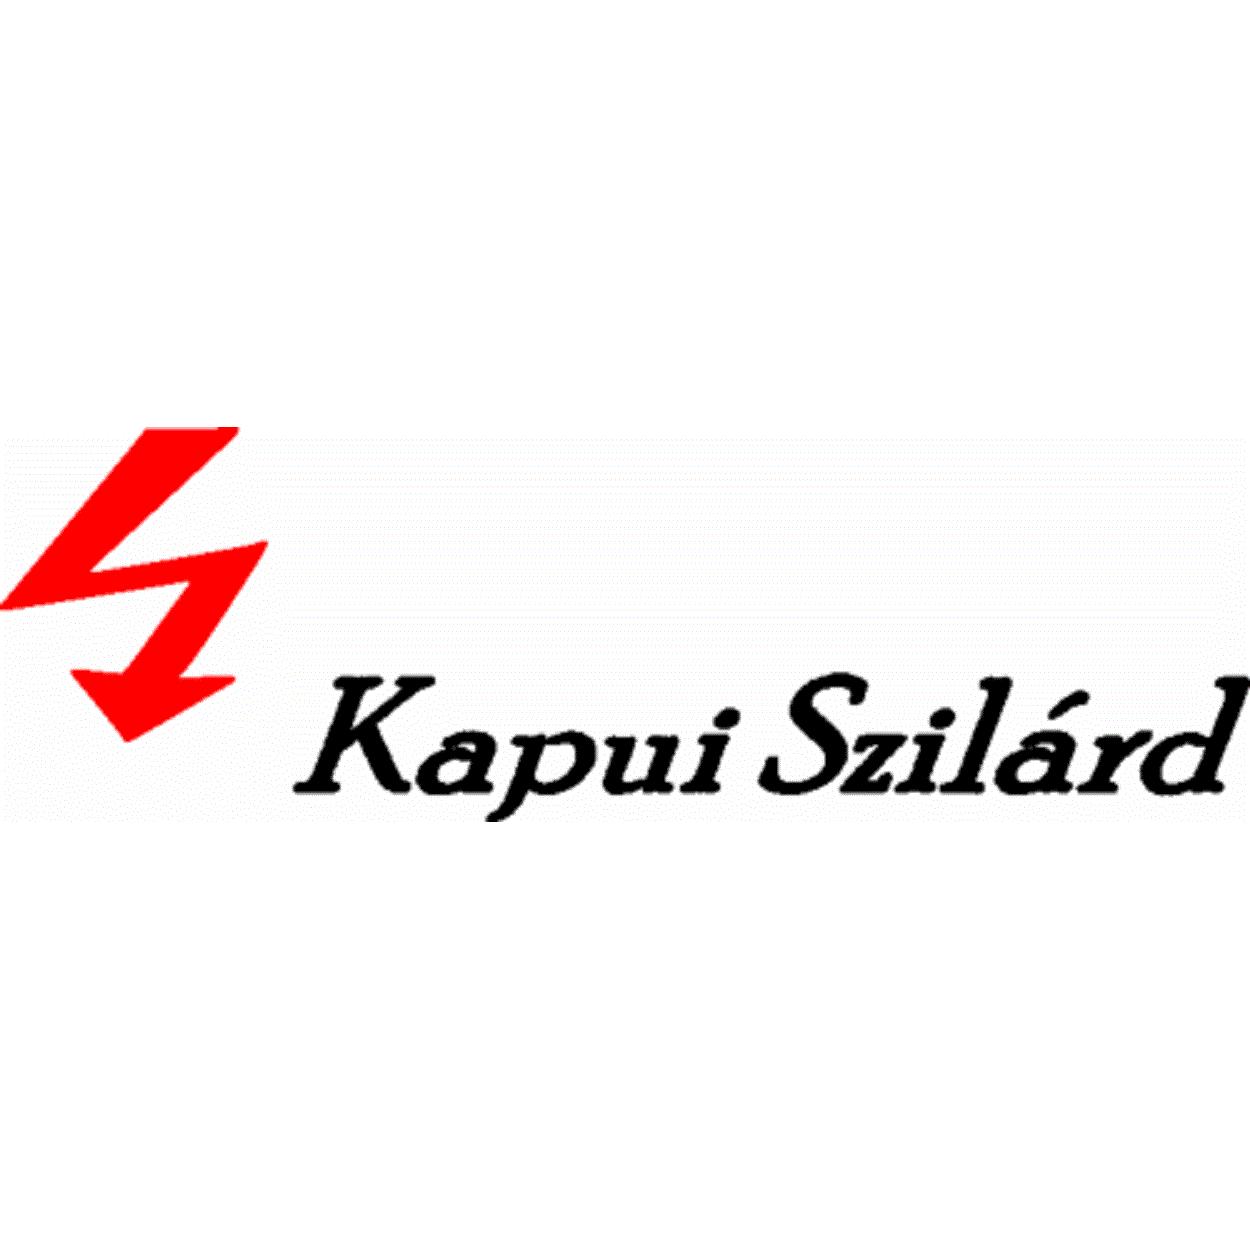 Kapui Szilárd villanyszerelés